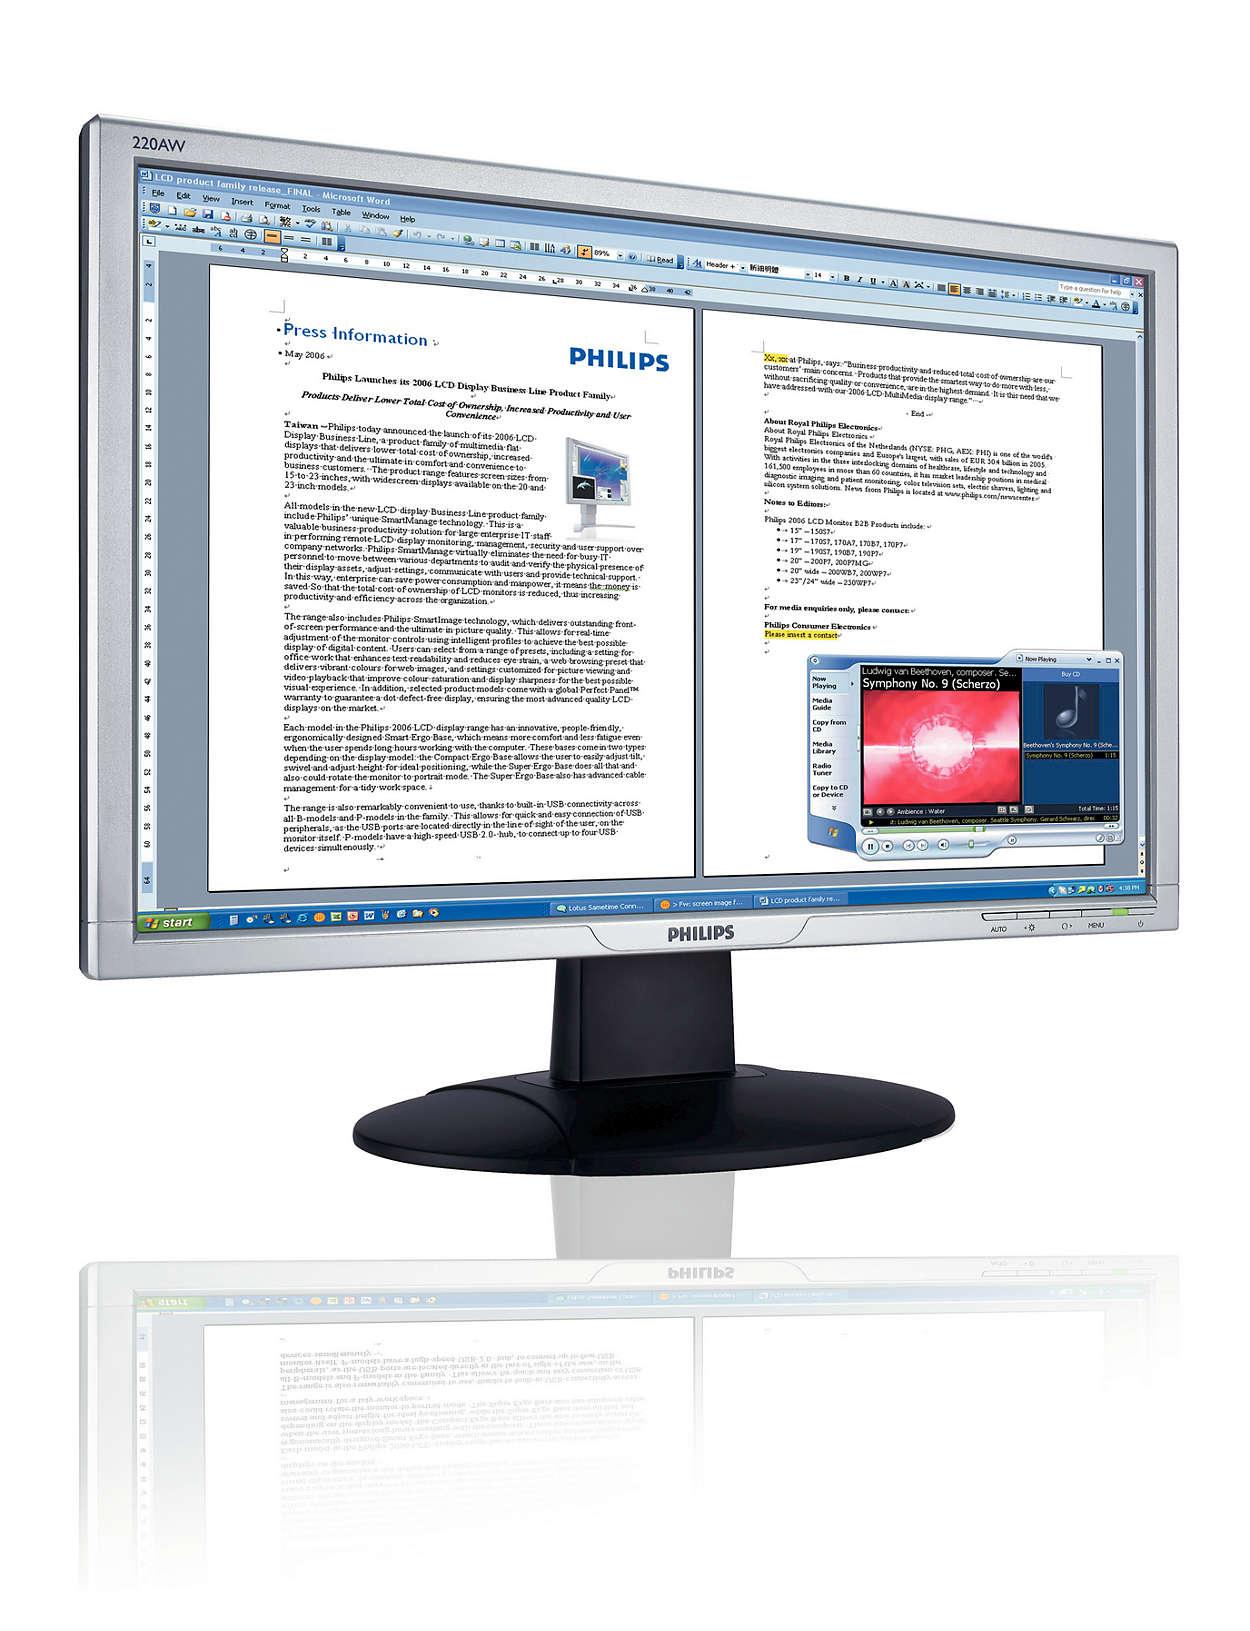 Inbyggt ljud, Vista-förberedd widescreen